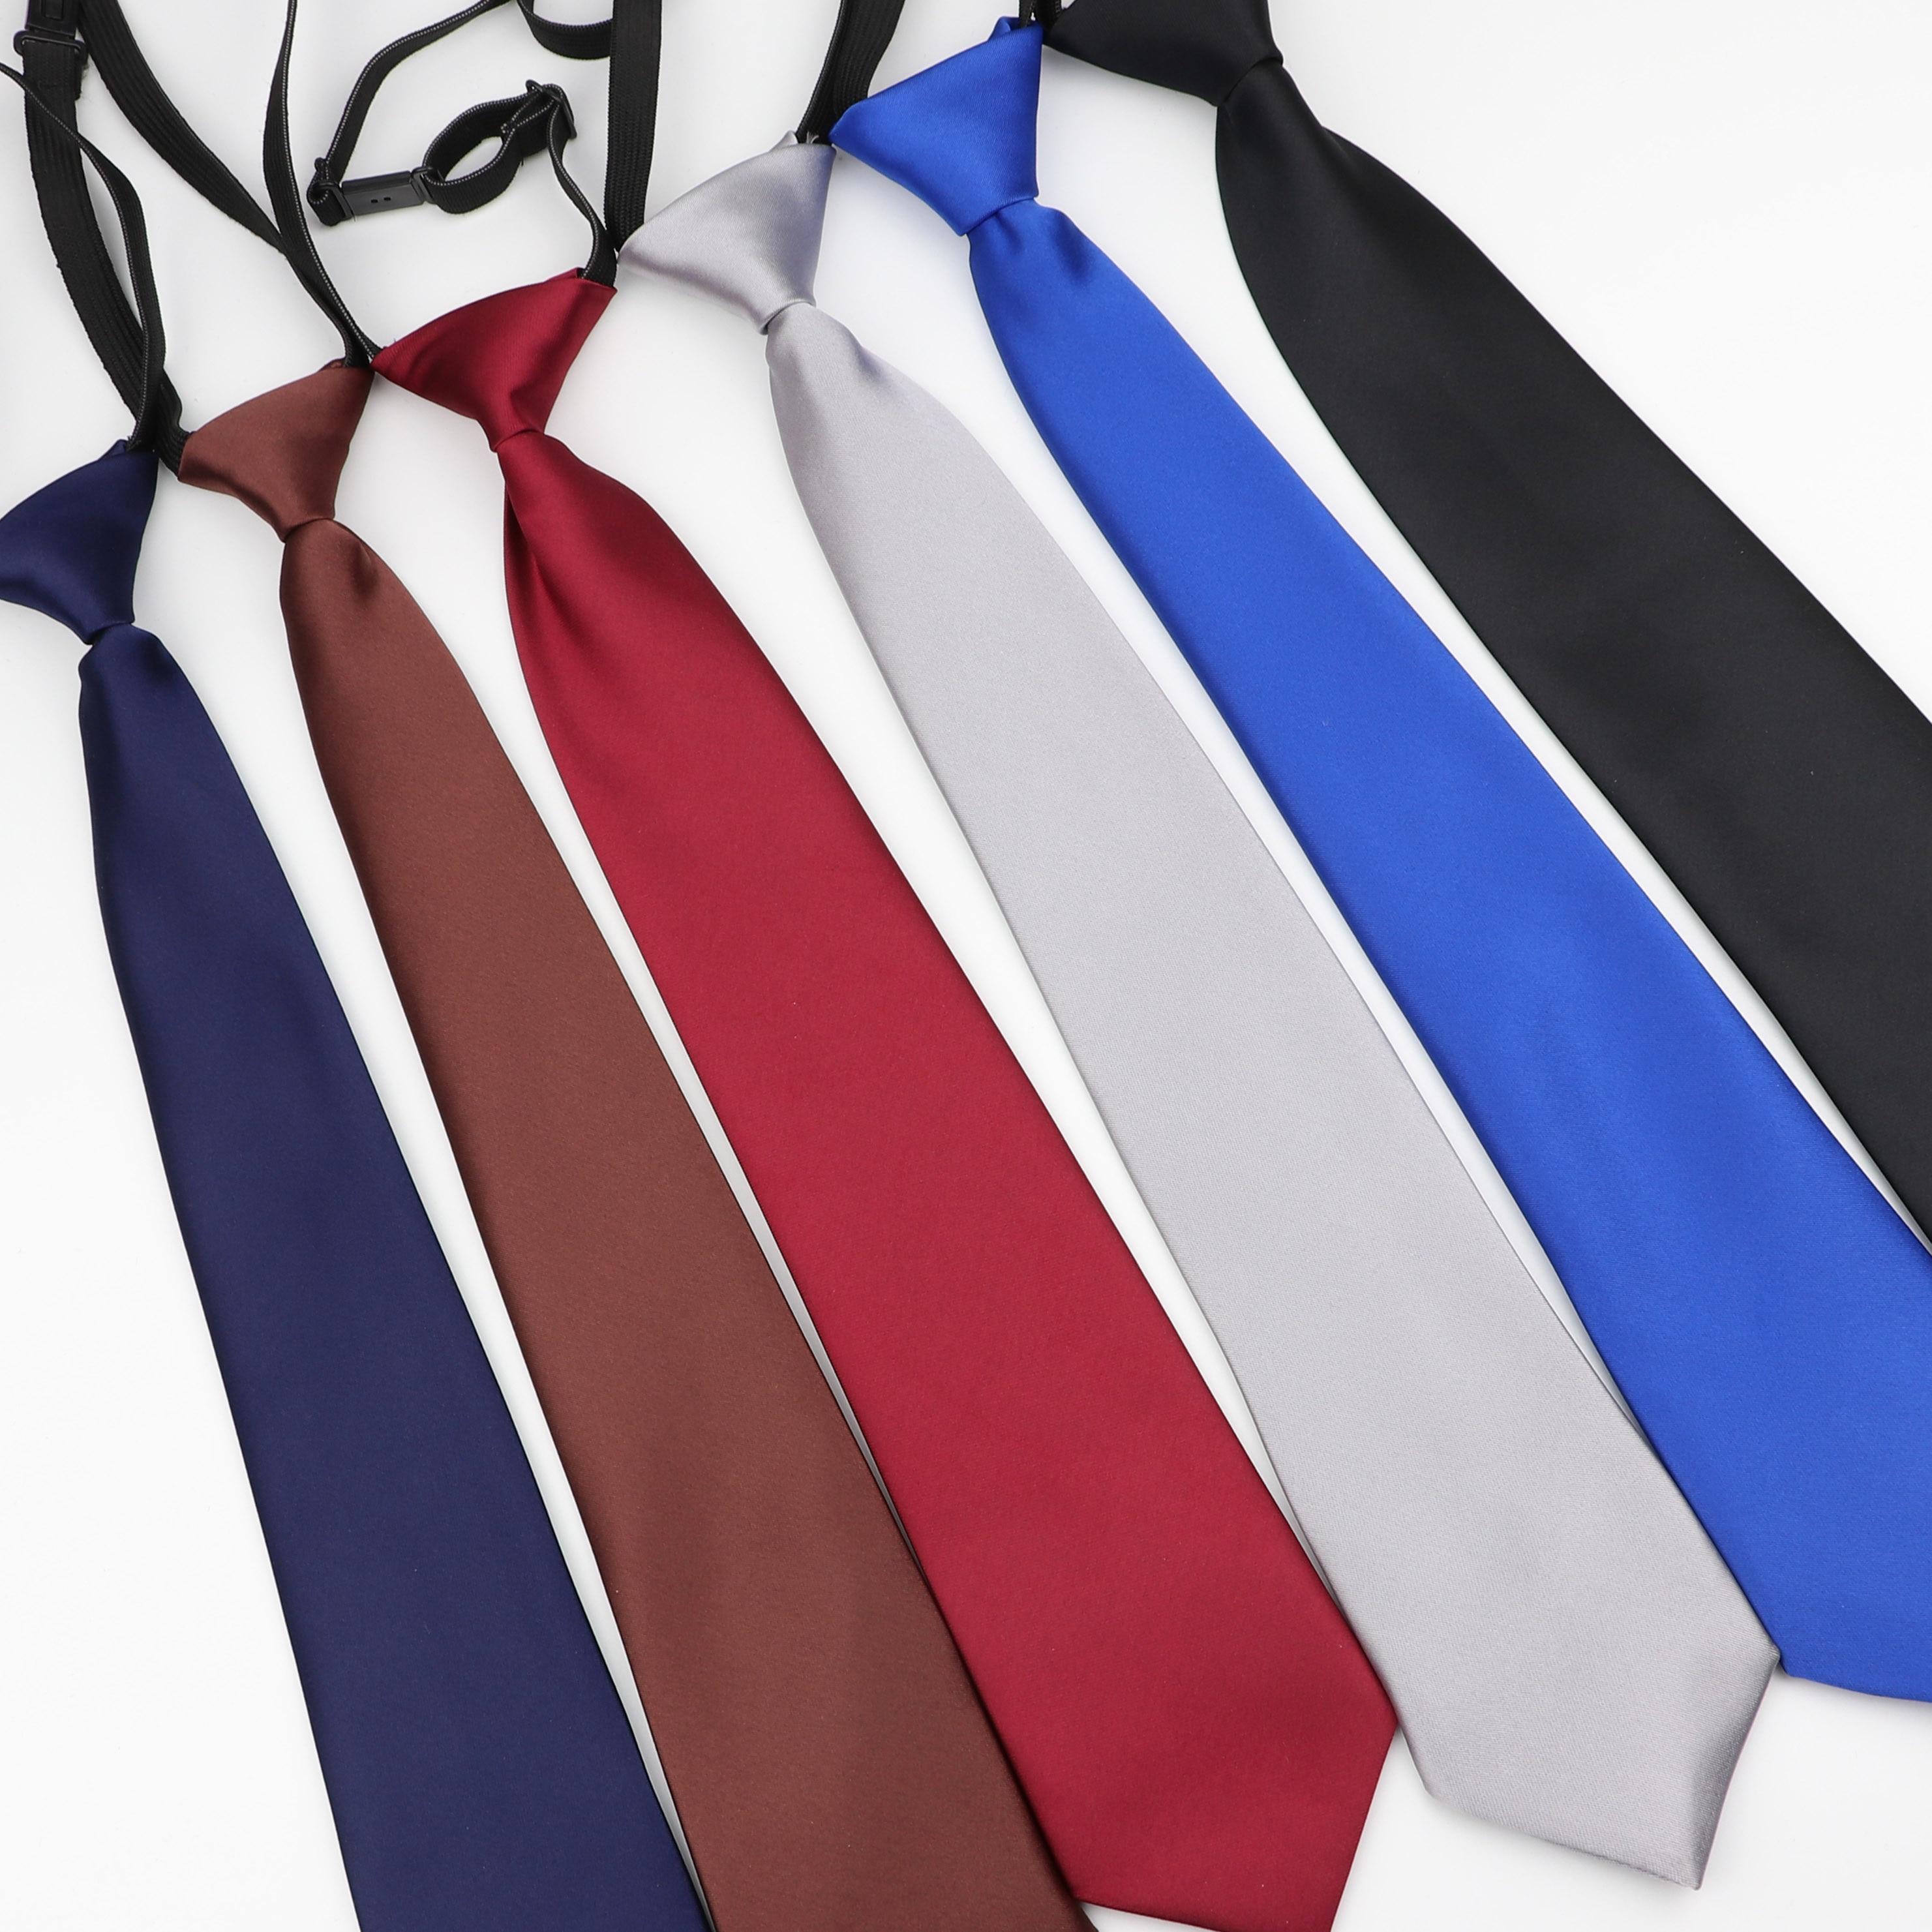 Men's Solid Color Lazy Slim Necktie Skinny Adjustable Tie Simplicity Elastic Band 7cm Width Mal Party Formal Designer Man Ties